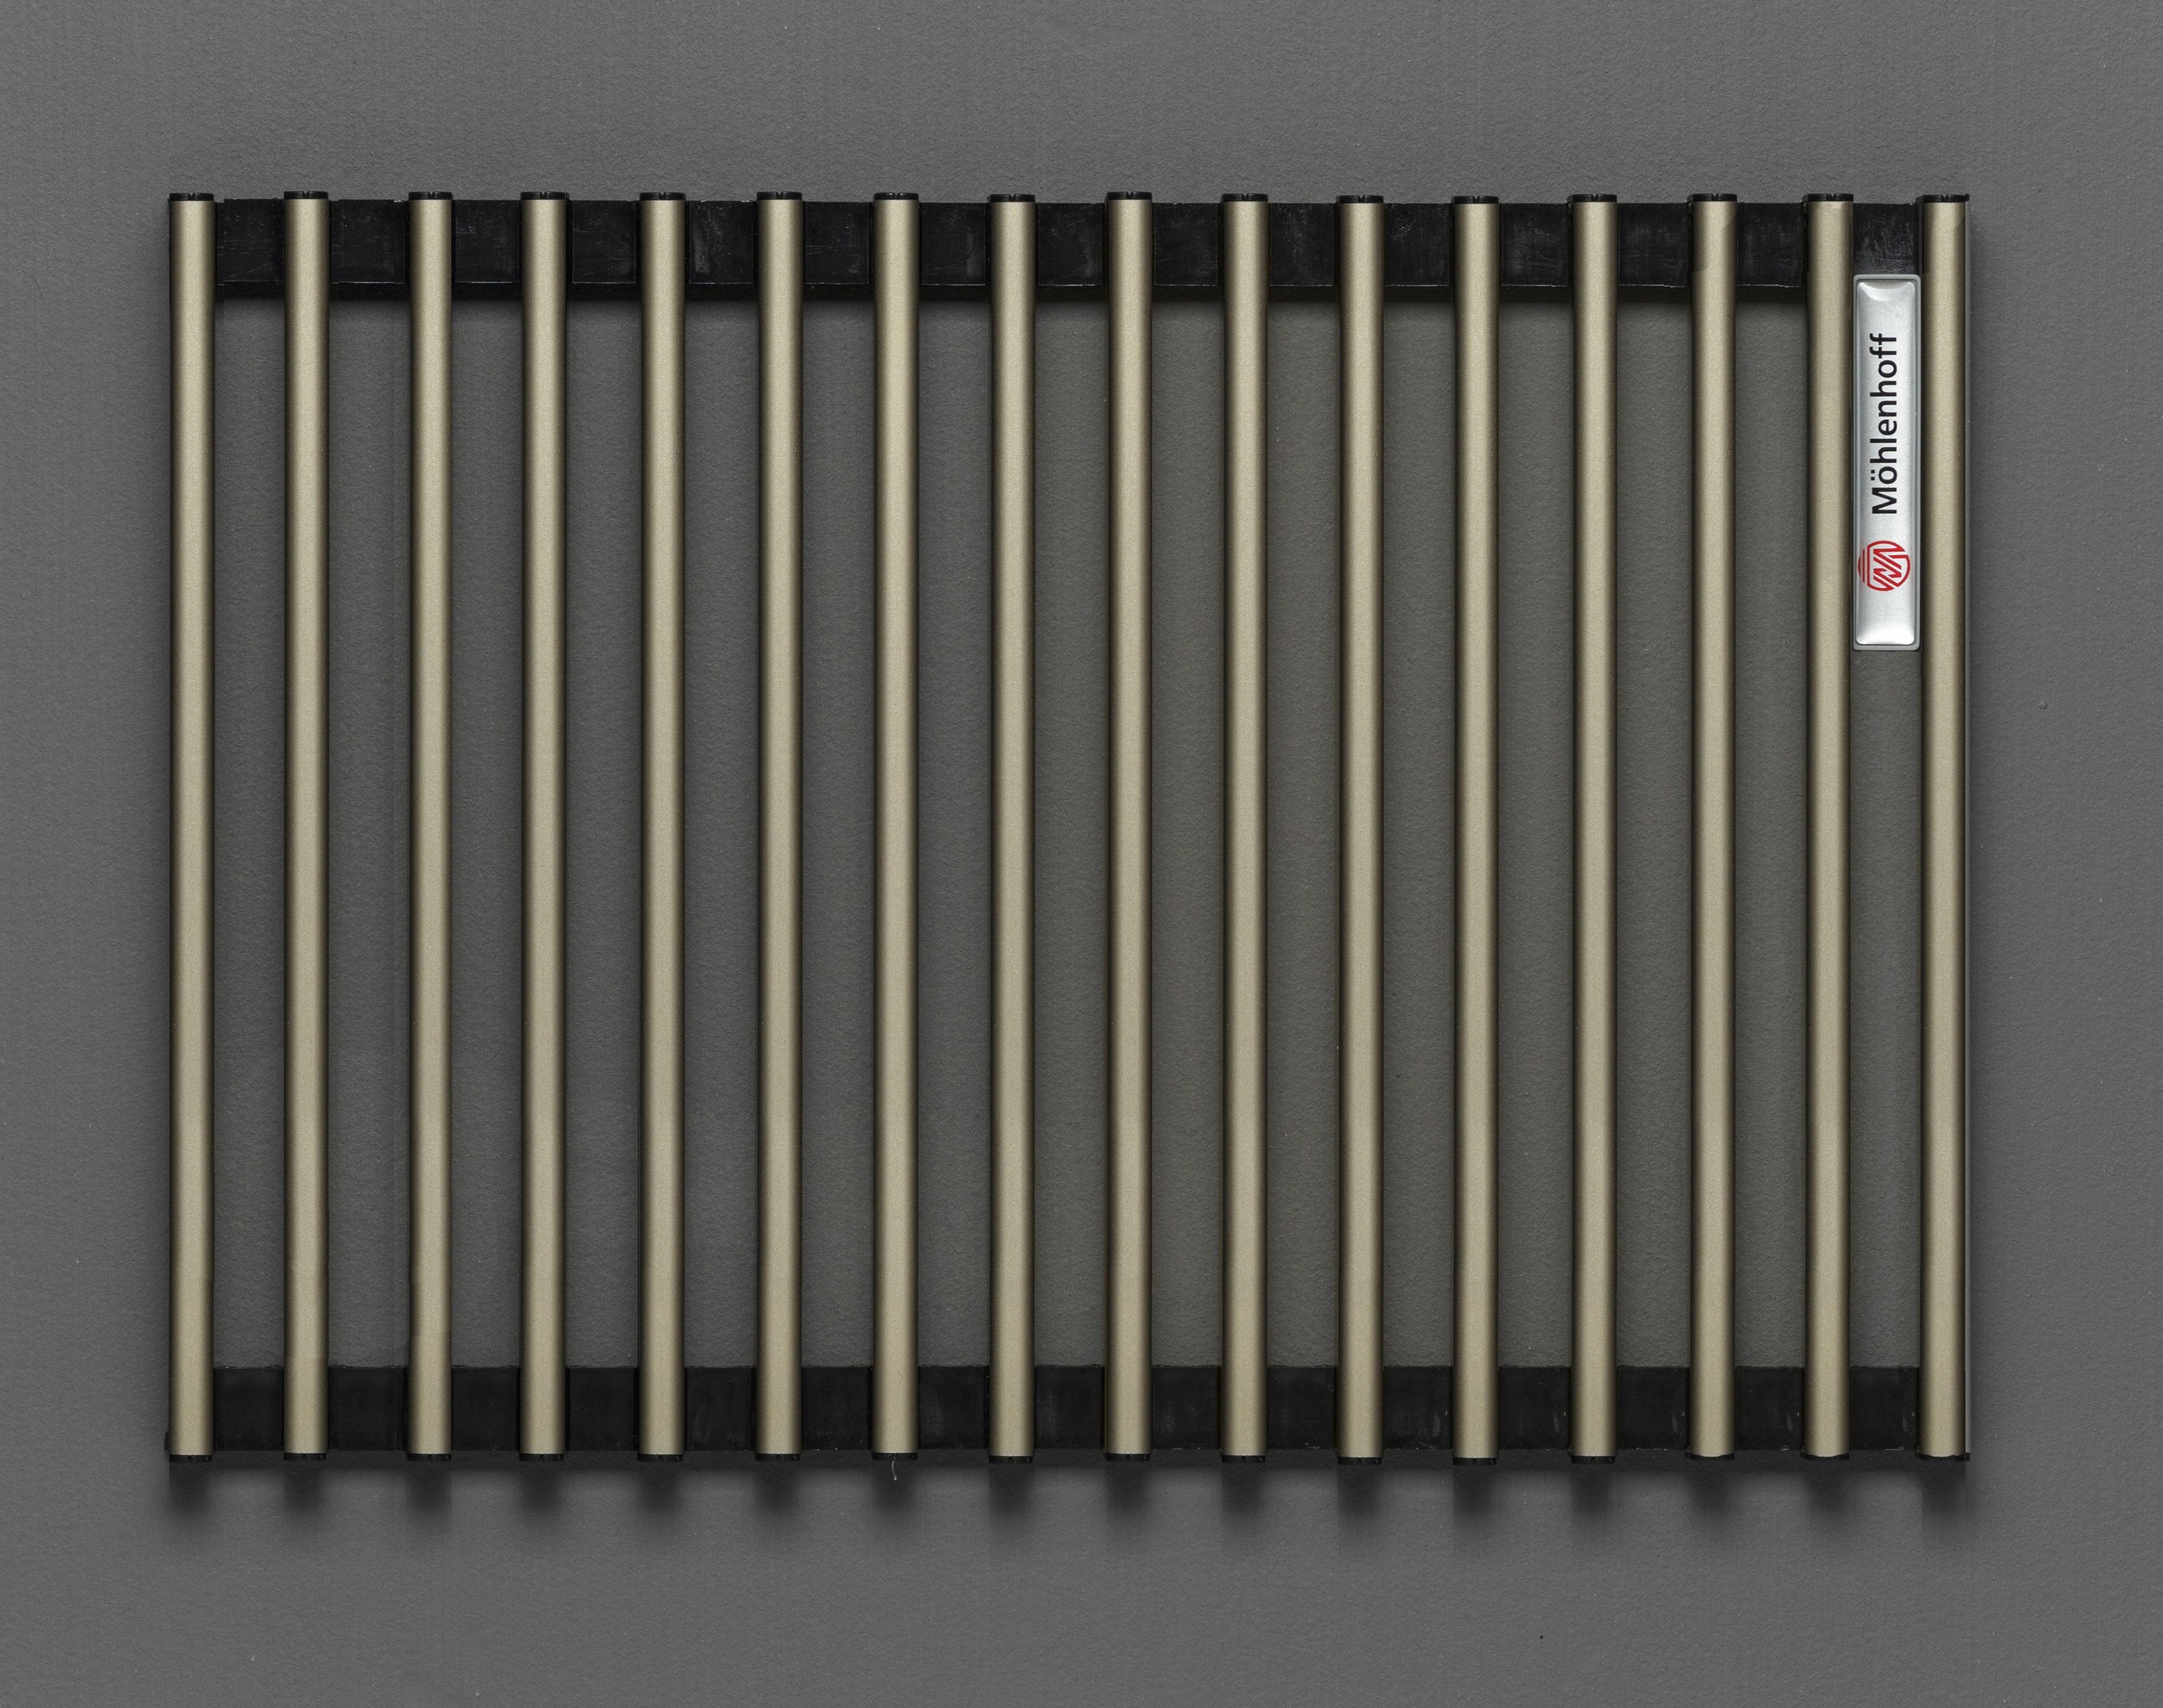 Купить Декоративная решётка Mohlenhoff светлая бронза, шириной 410 мм 1 пог. м, Россия